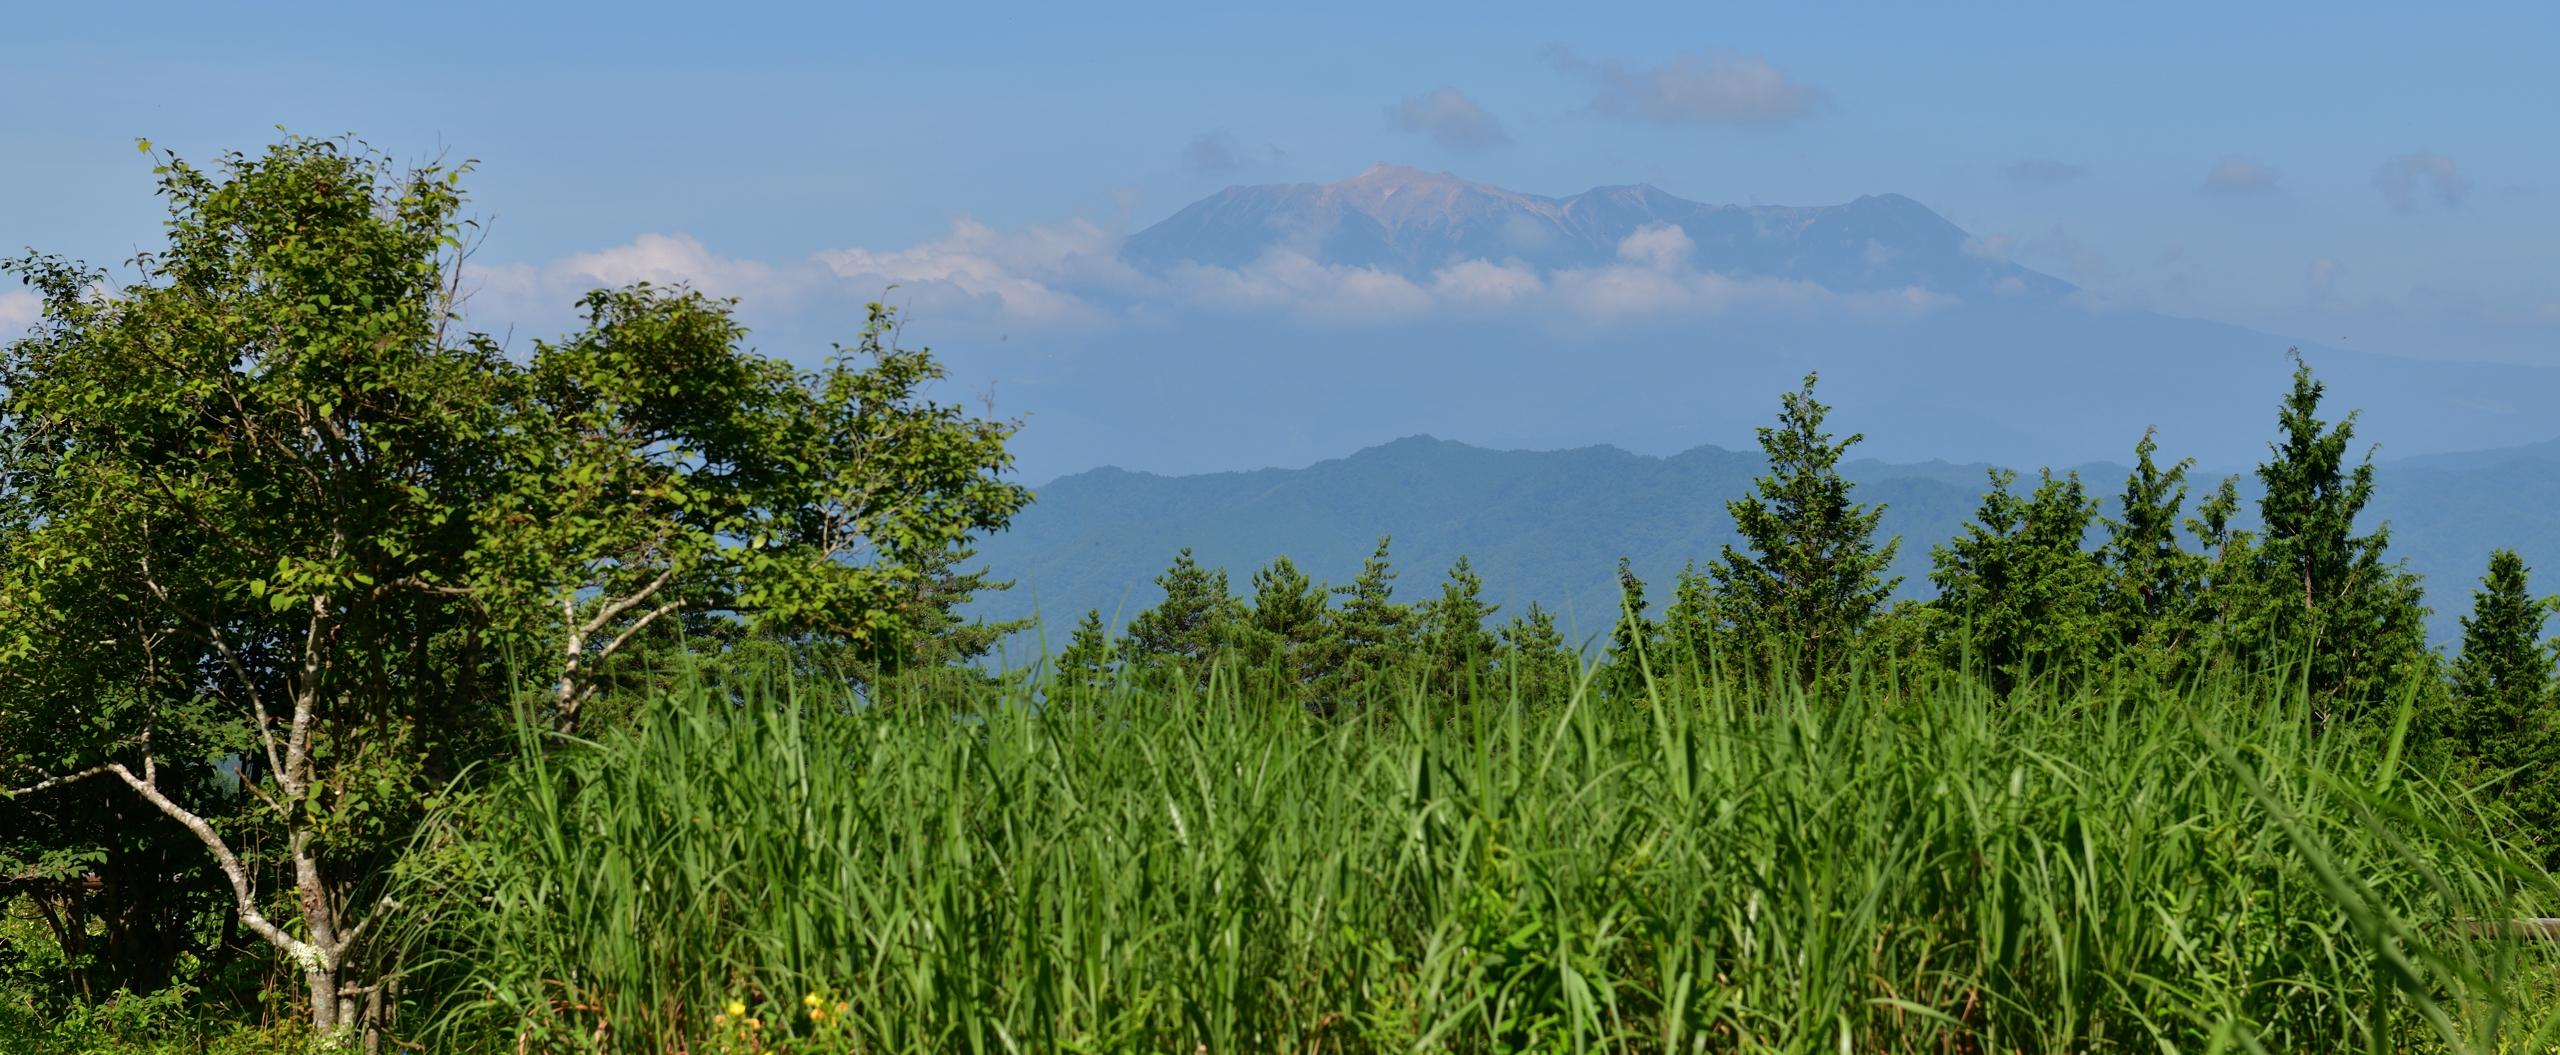 御嶽山火山防災協議会 公式サイト